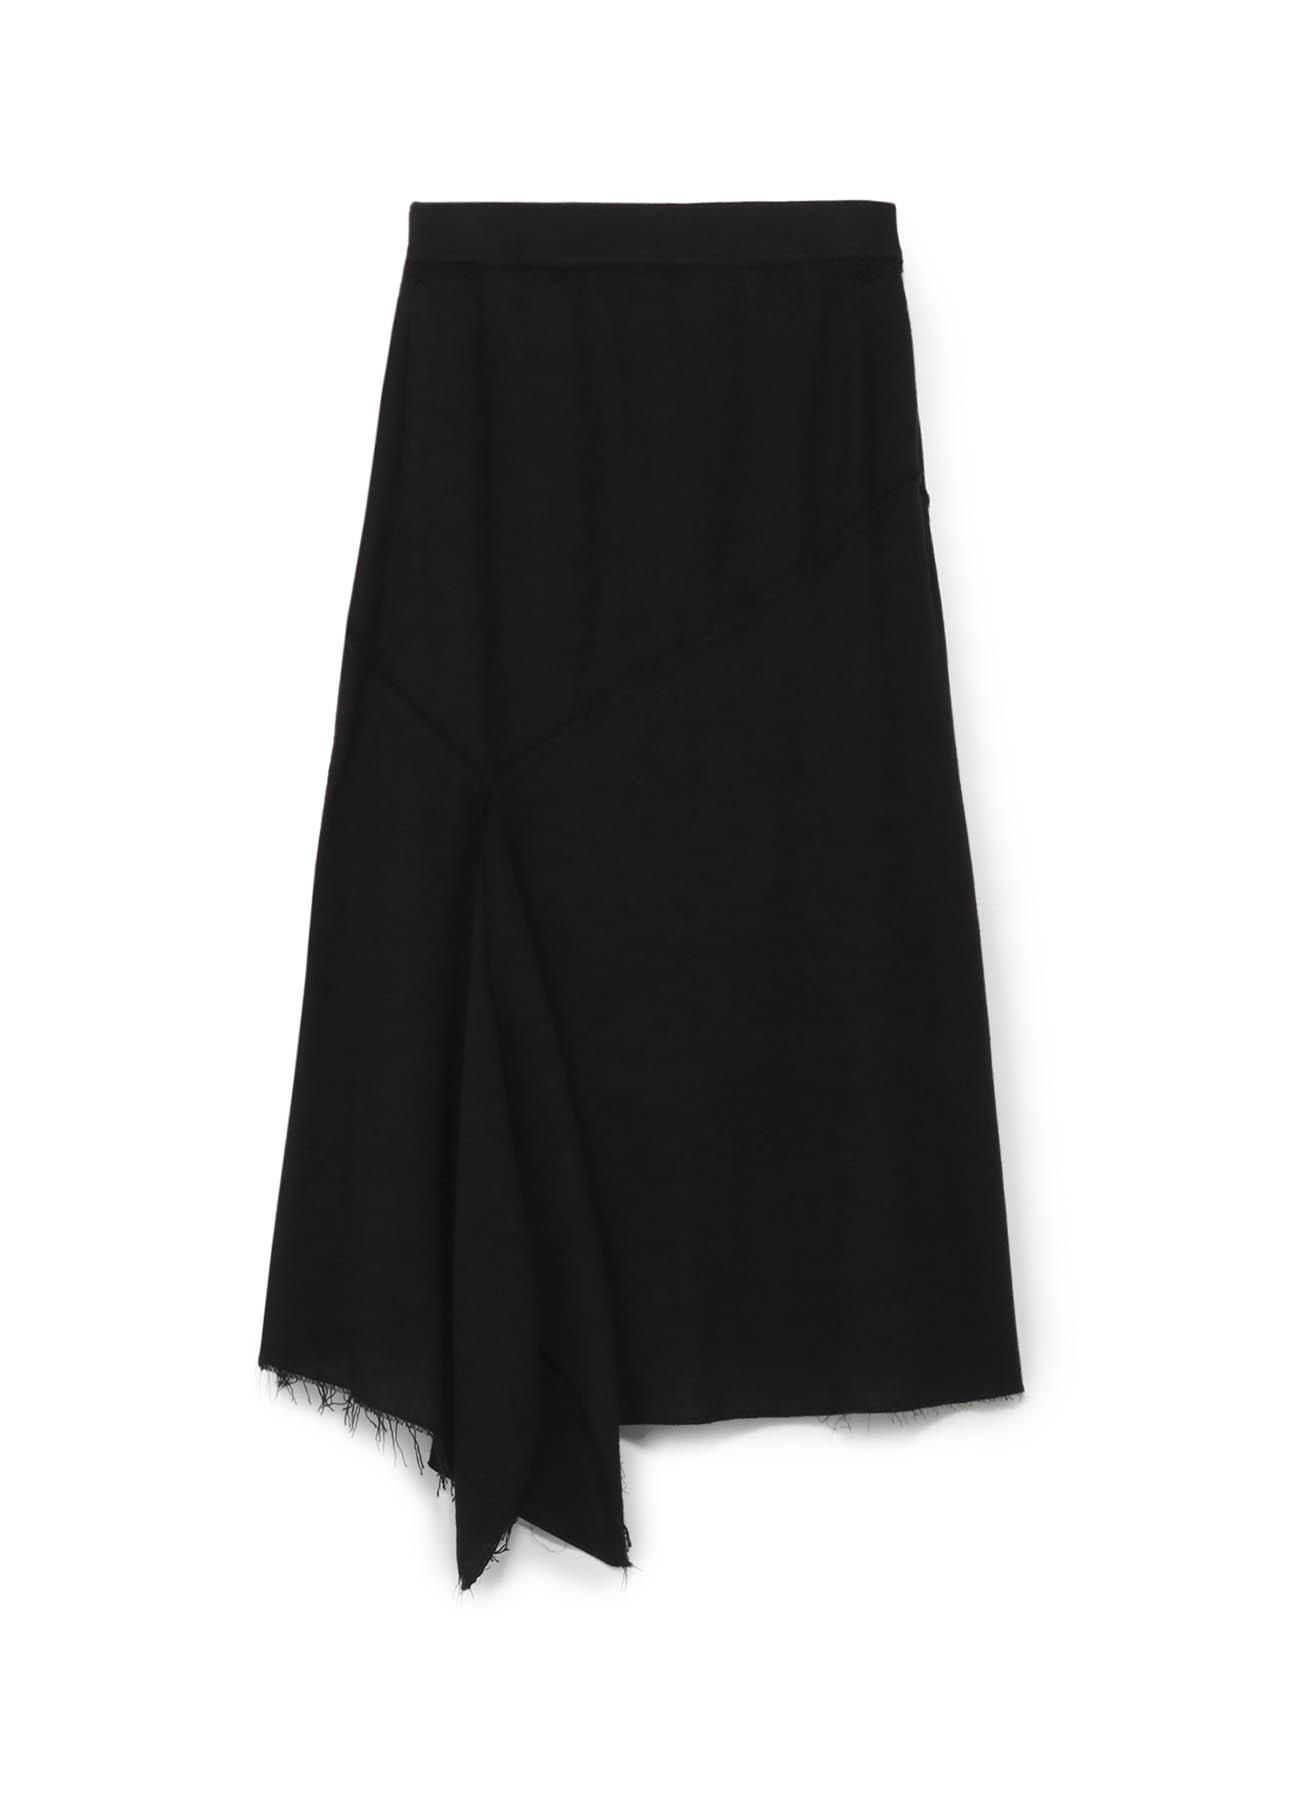 纯棉拼接鱼尾下摆半身裙